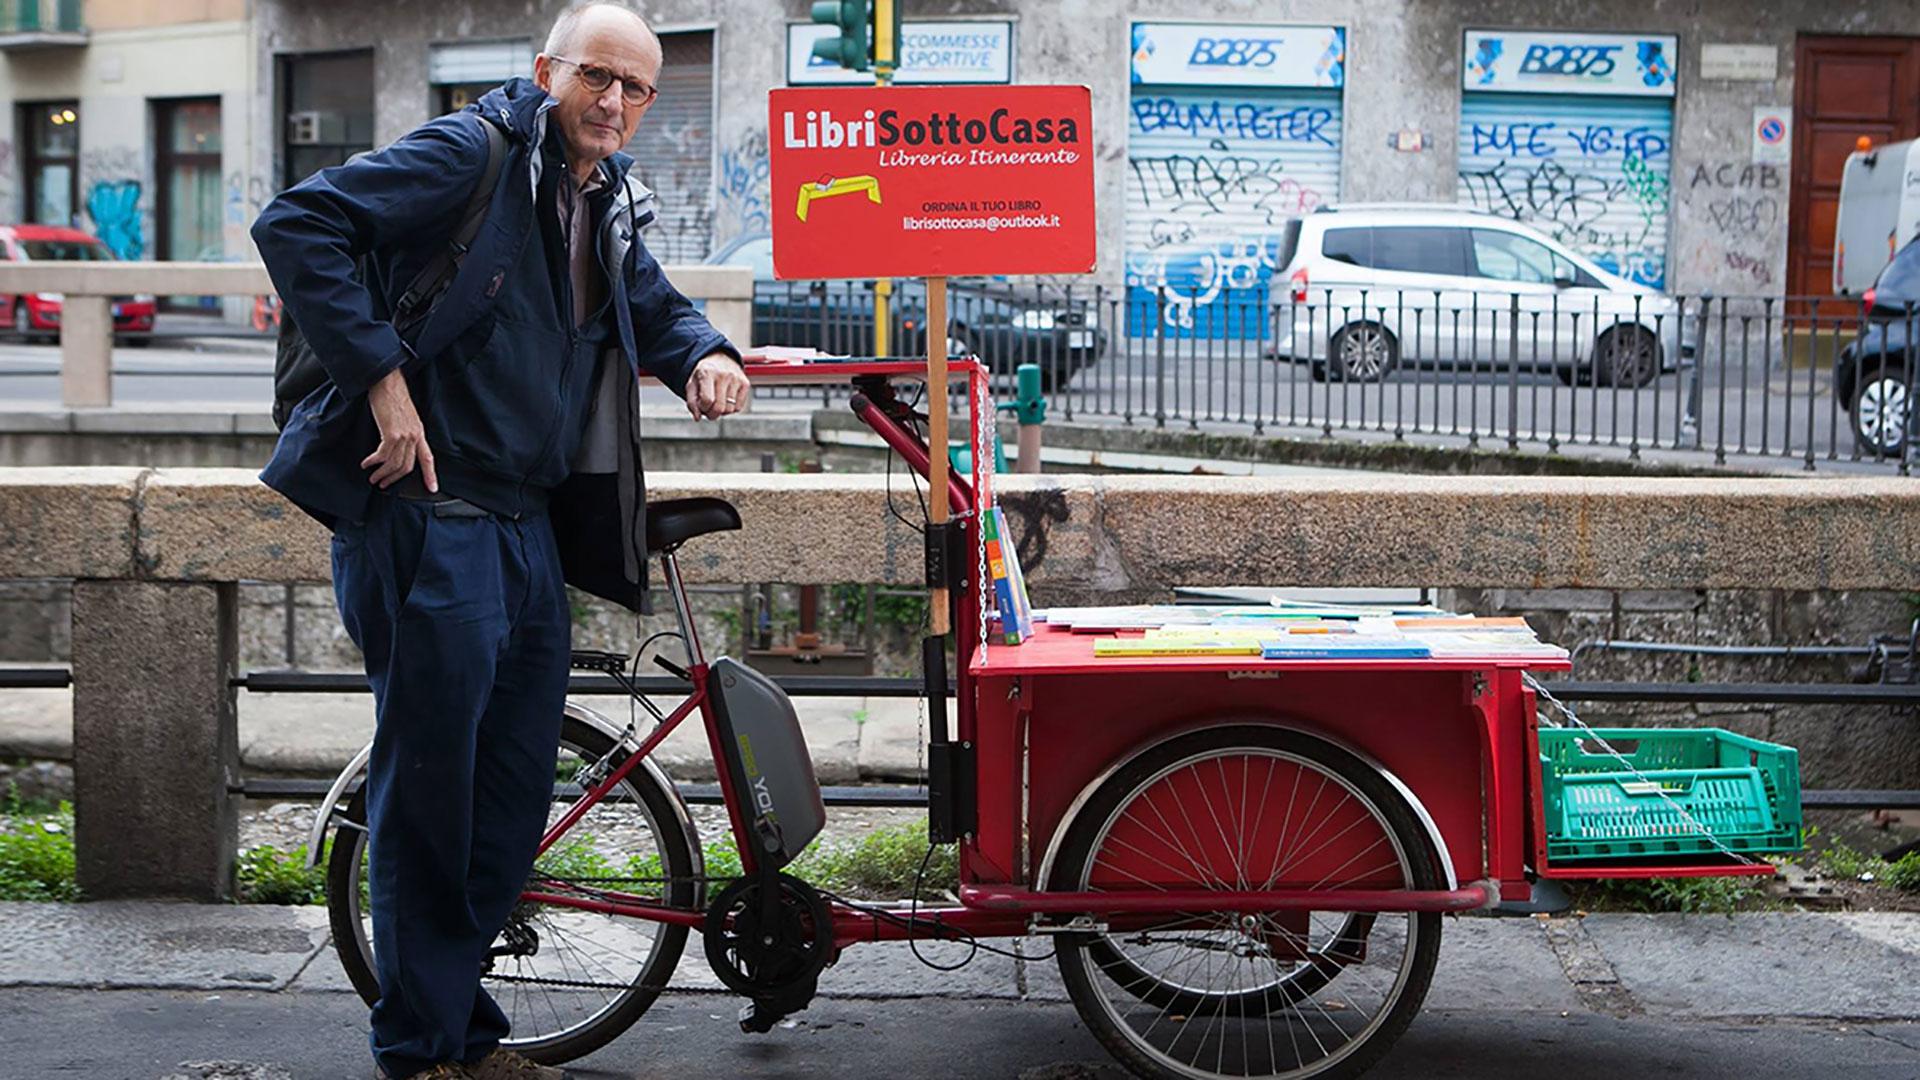 LibriSottoCasa, il libraio in bicicletta che sfida Amazon